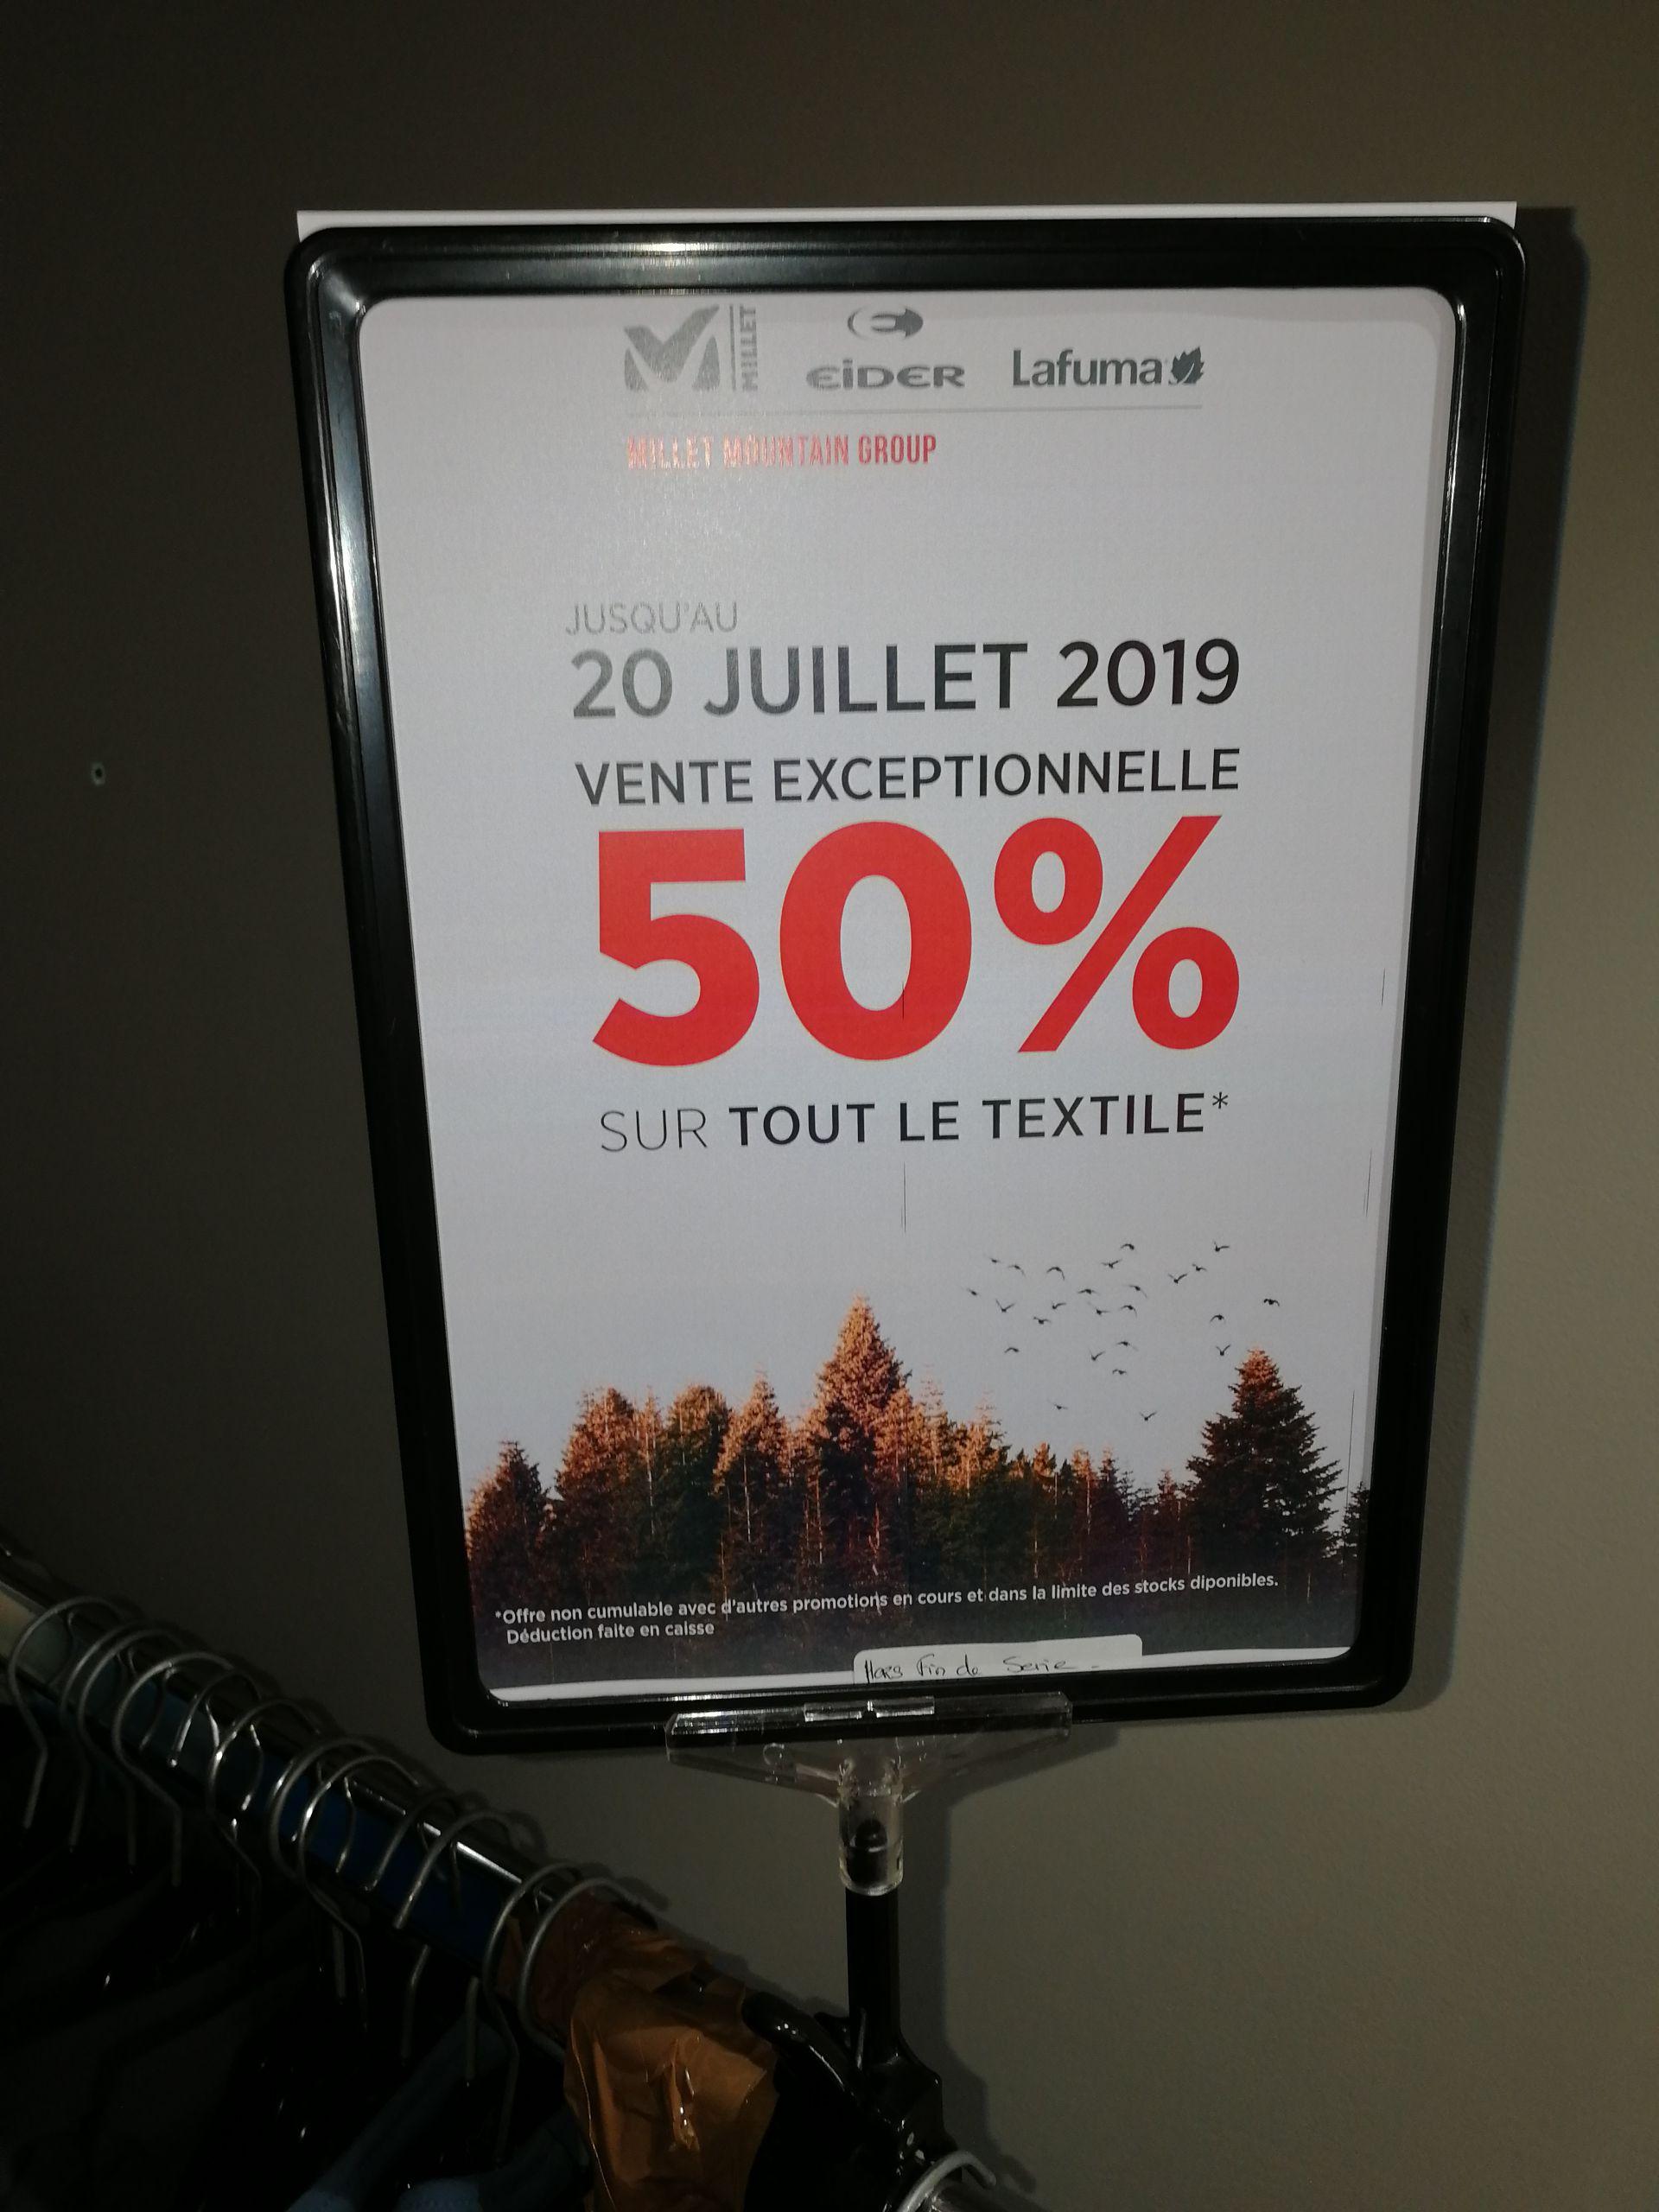 50% sur tout le textile au Lafuma Eider Milet MC Arthur Glen Roubaix - Ex :la veste Lafuma Shift GTX JKT - Mc Arthur Glen Roubaix (59)